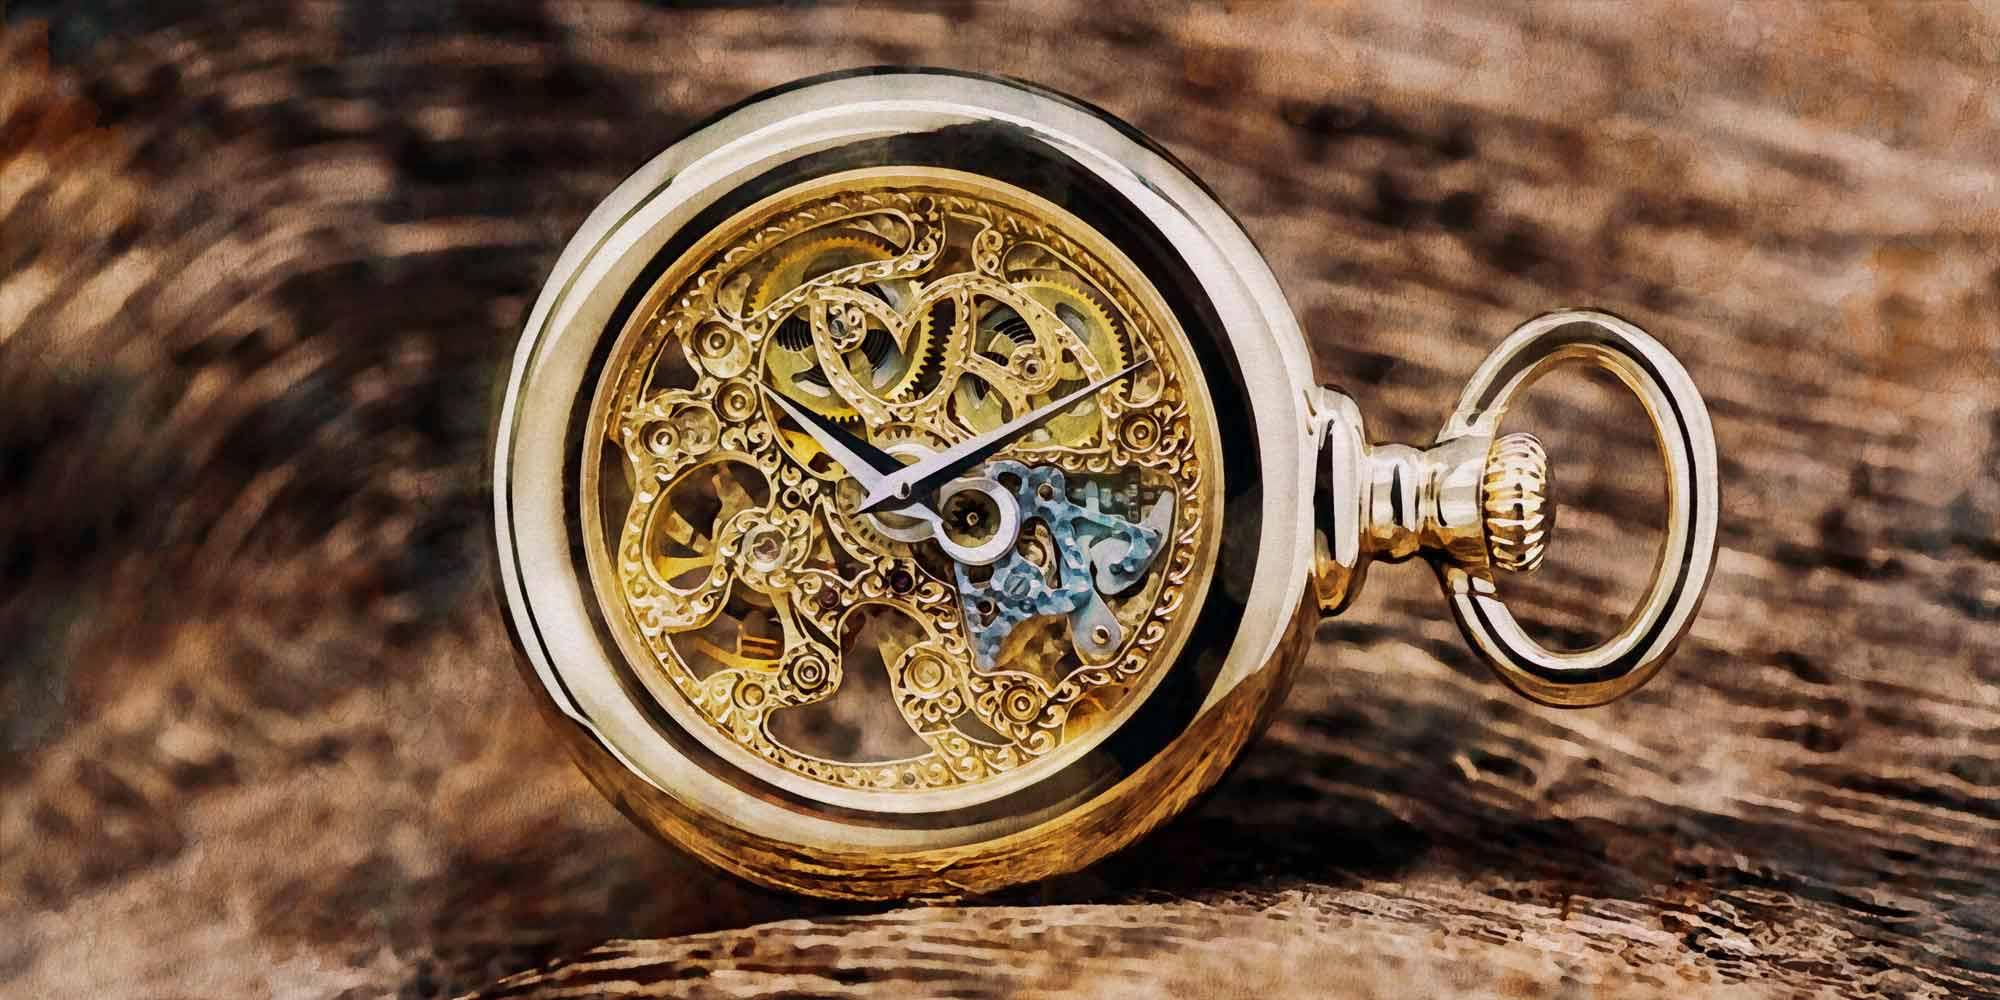 Favre Leuba Twinpower pocket watch